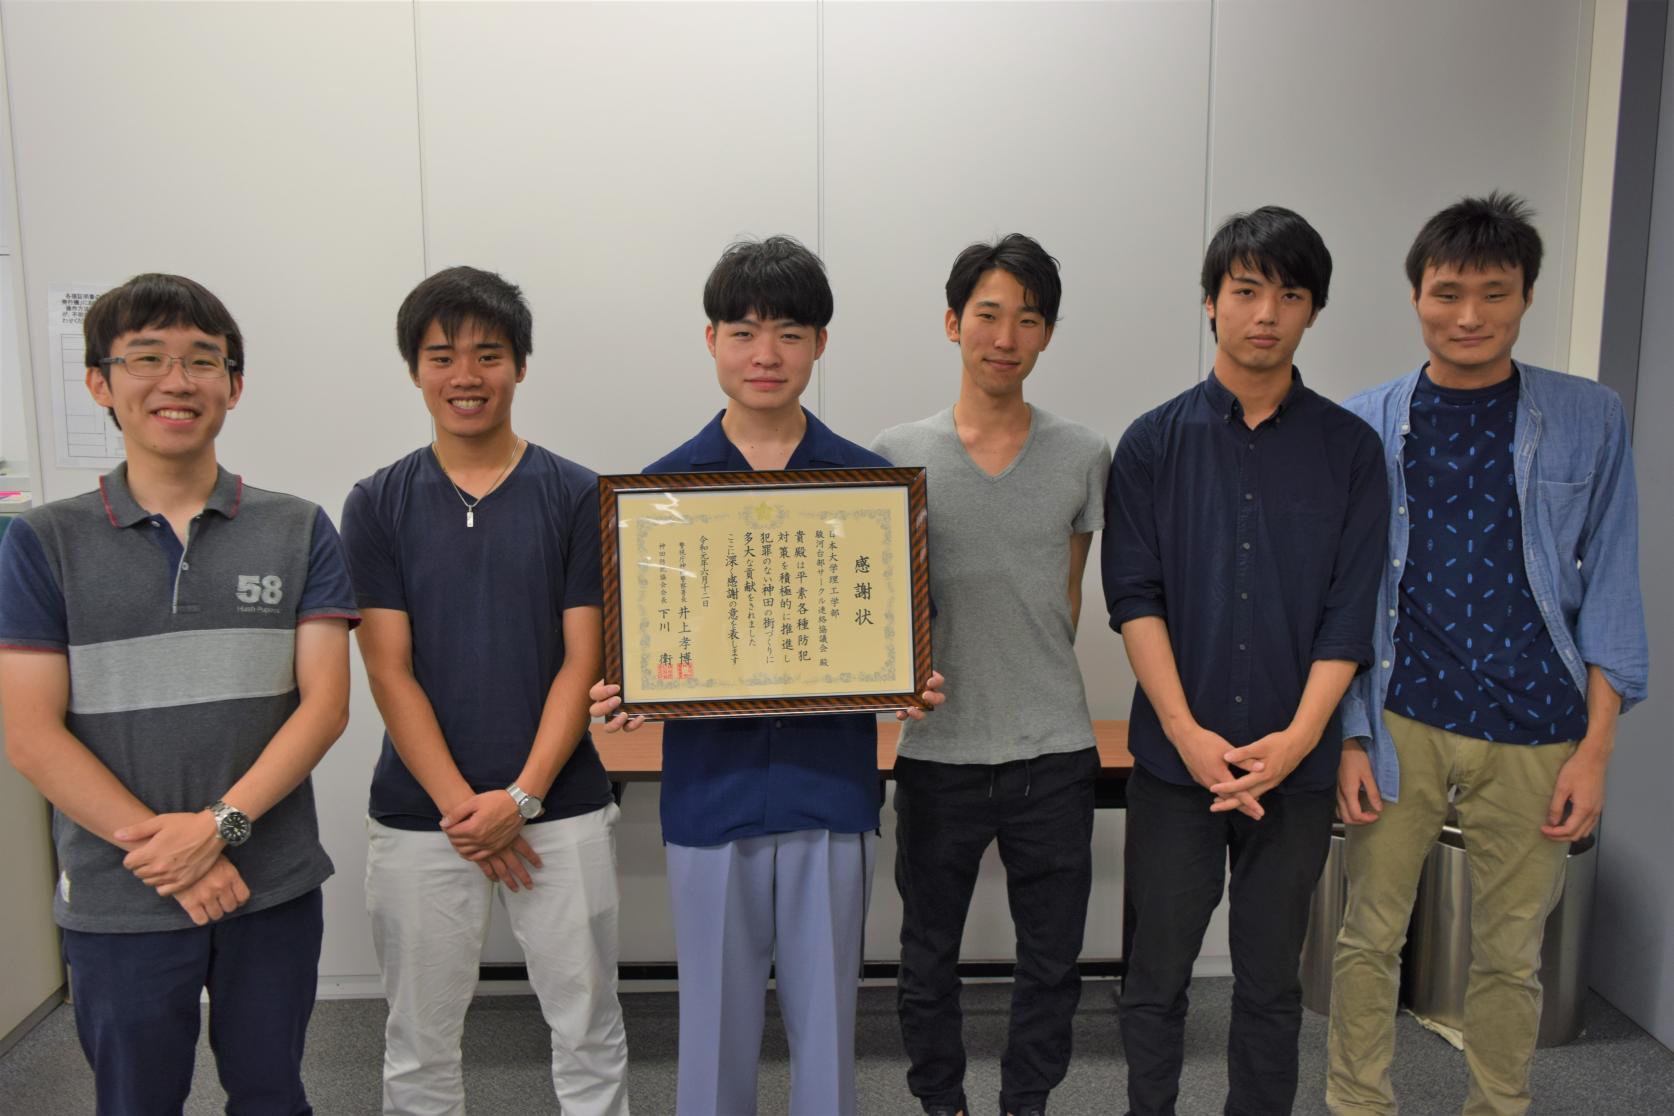 「駿河台部・サークル連絡協議会」が神田警察署長並びに神田防犯協会会長より感謝状を授与されました。